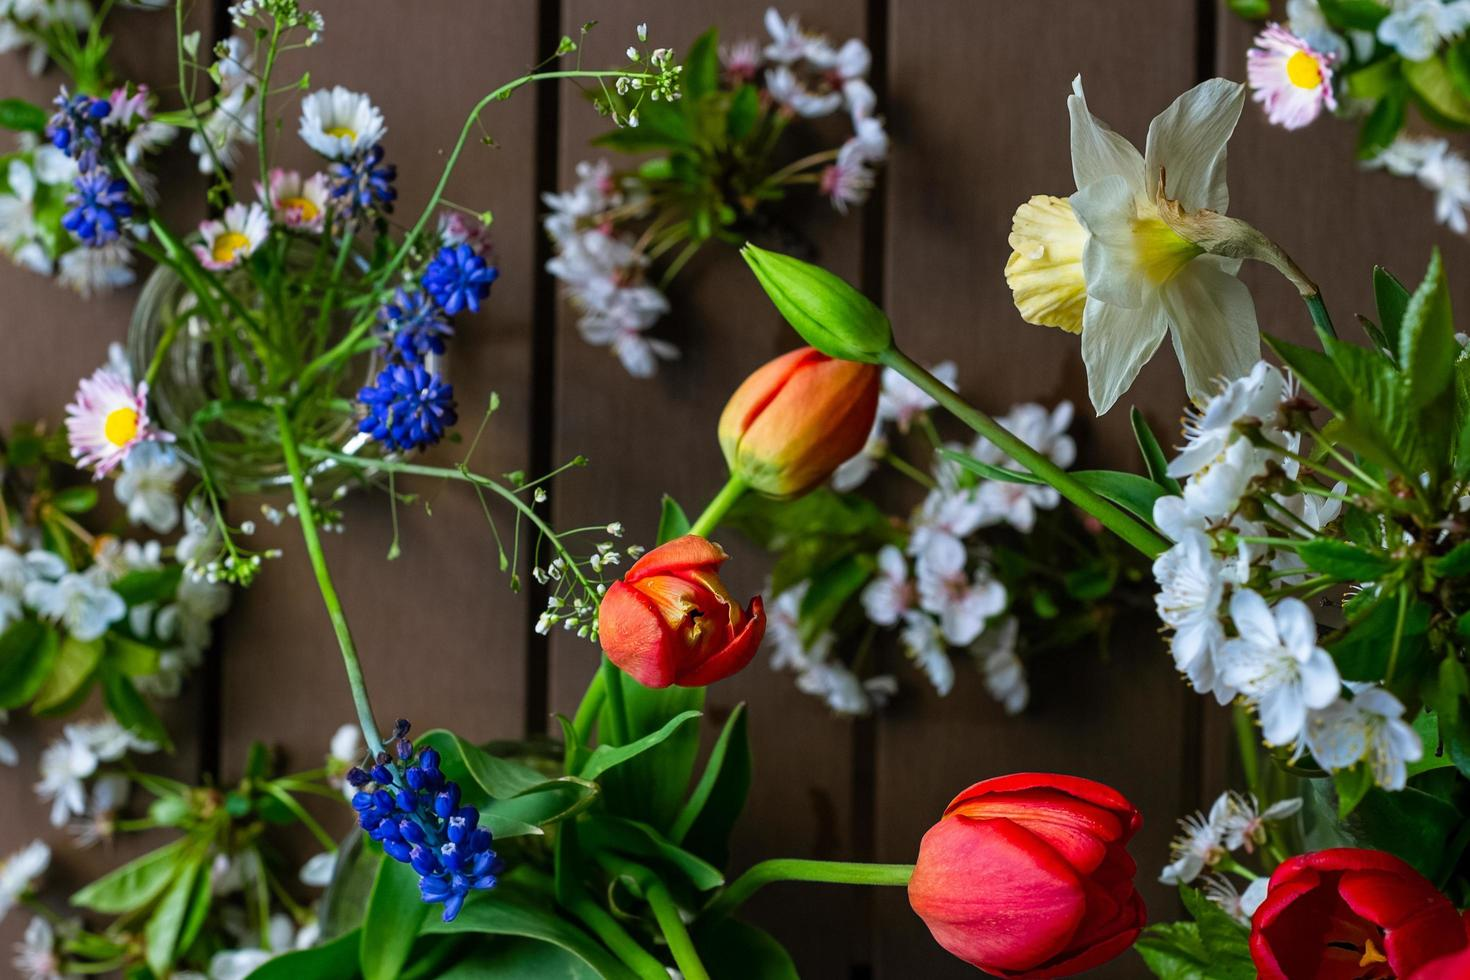 fondo floral de tulipanes rojos, margaritas de campo, muscaris, narcisos, flores de cerezo foto